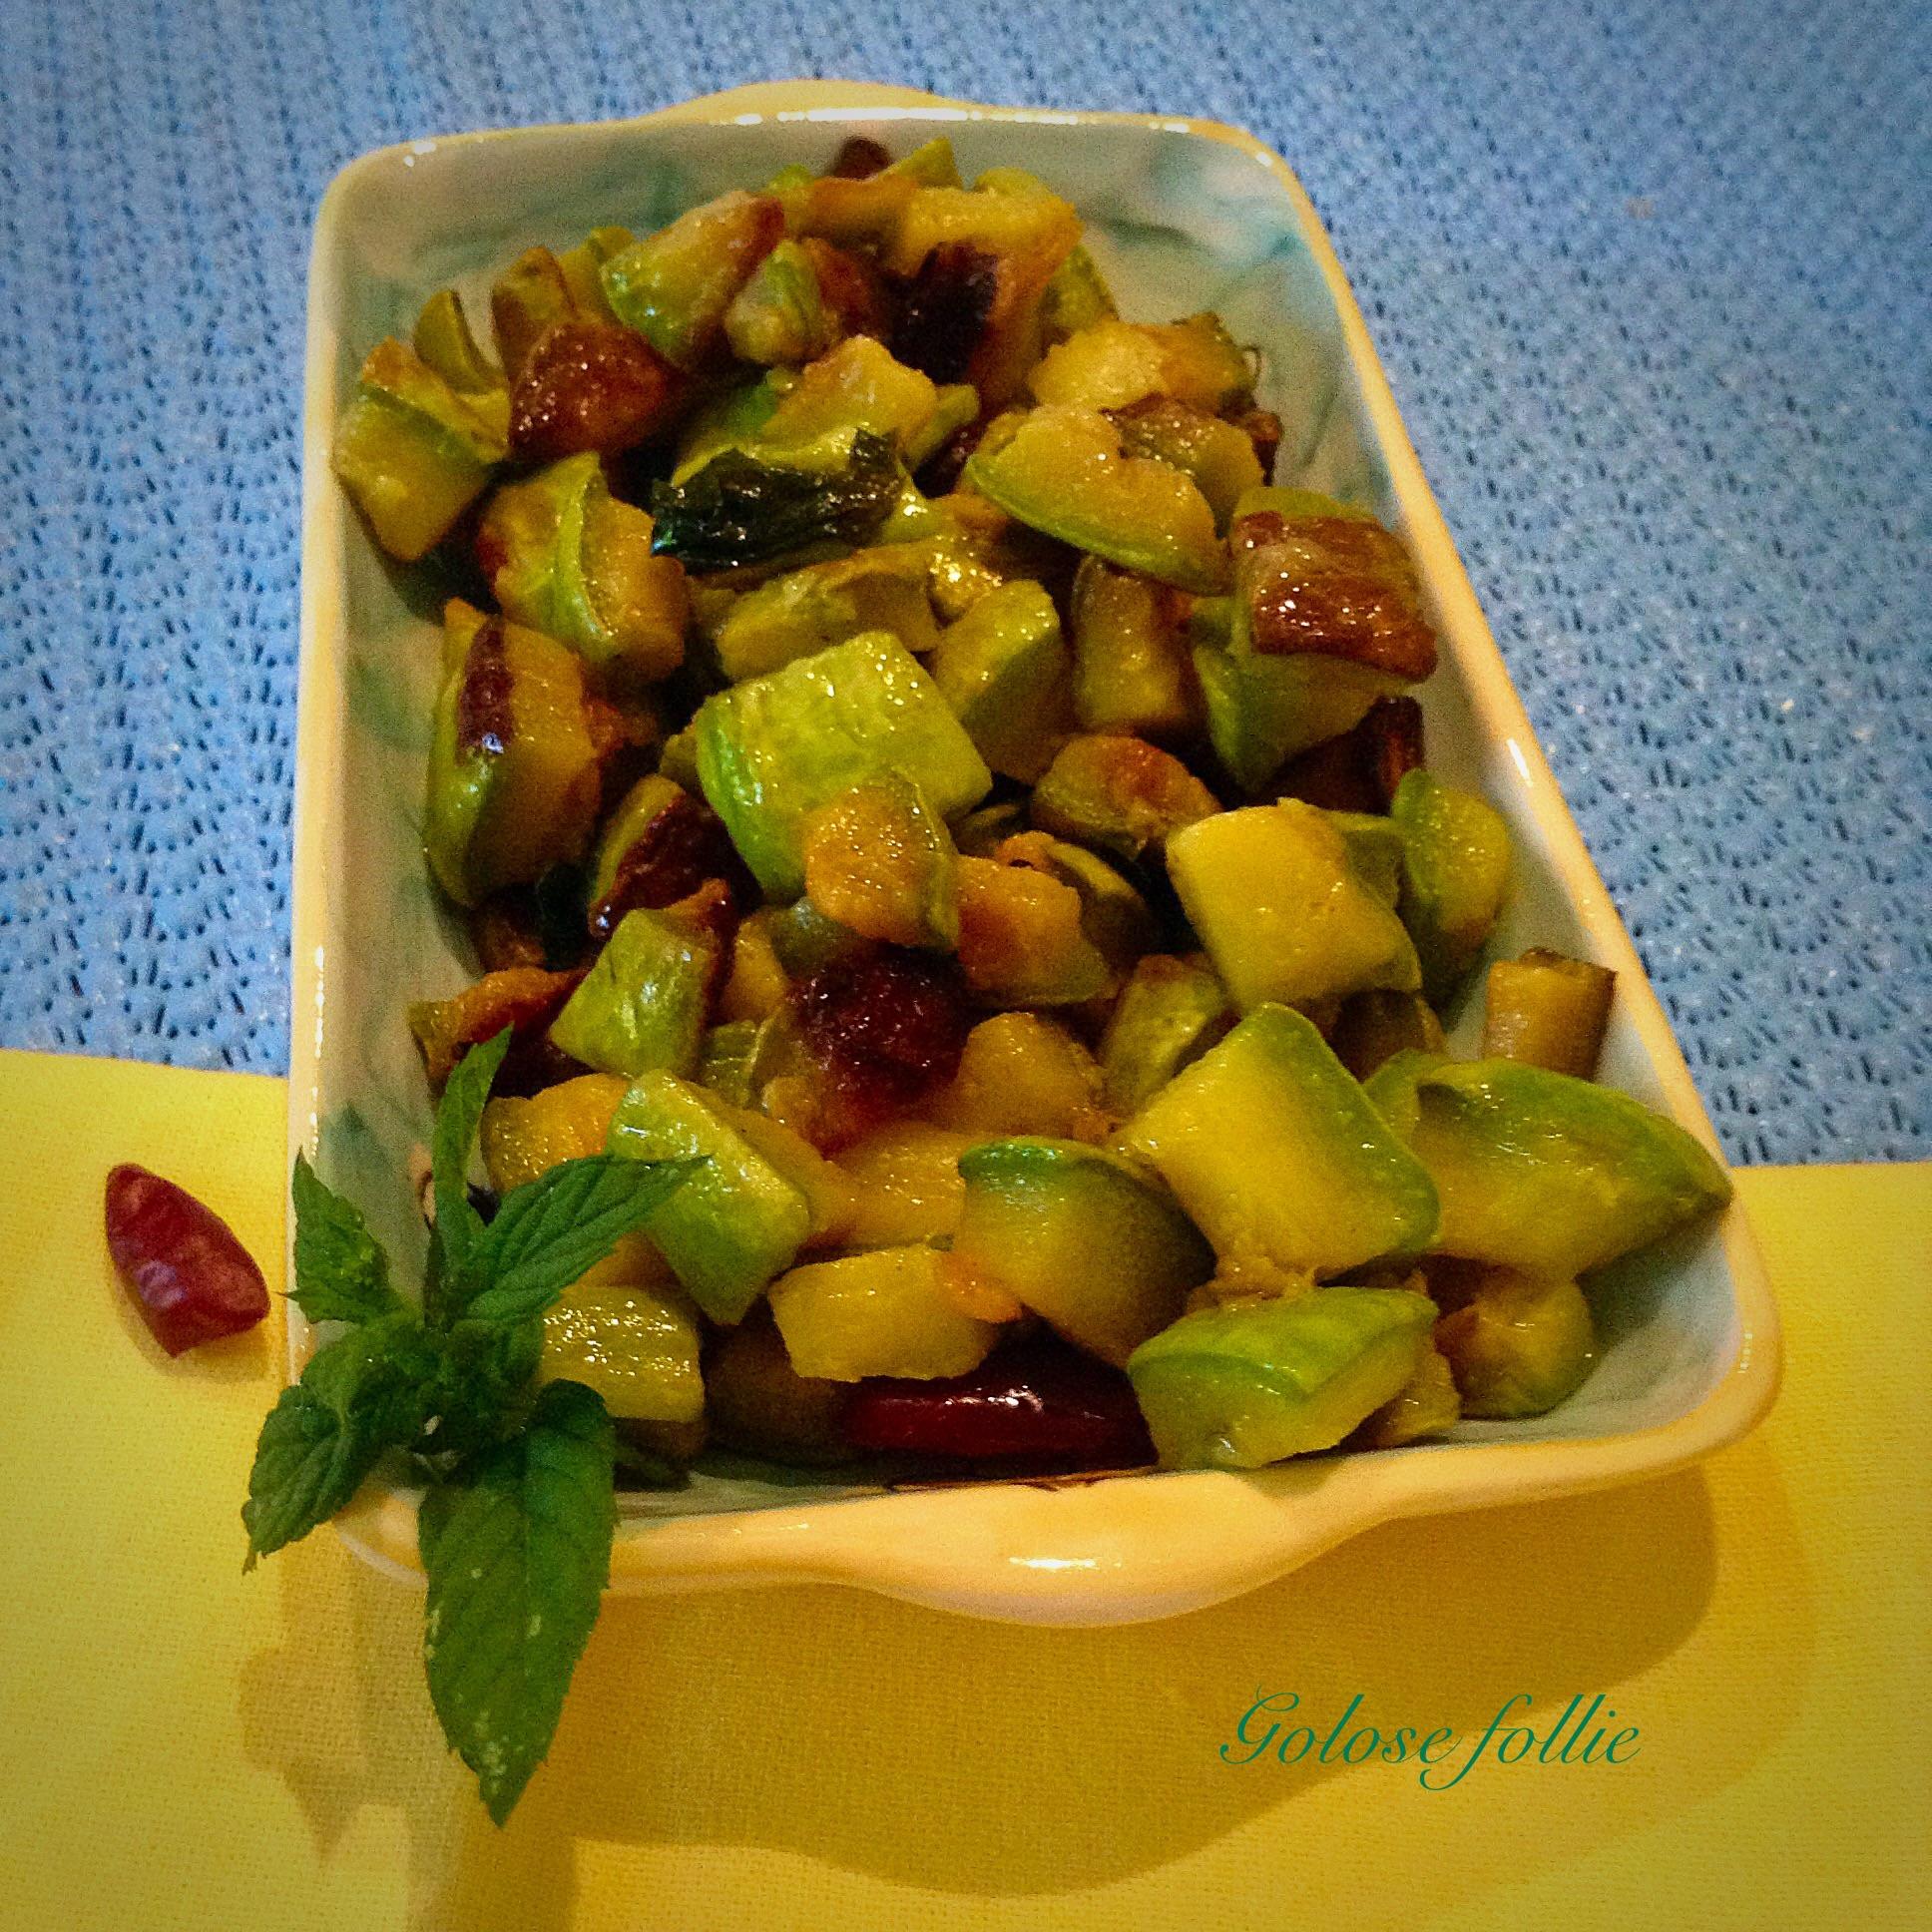 Zucchine in padella golose follie for Cucinare zucchine in padella